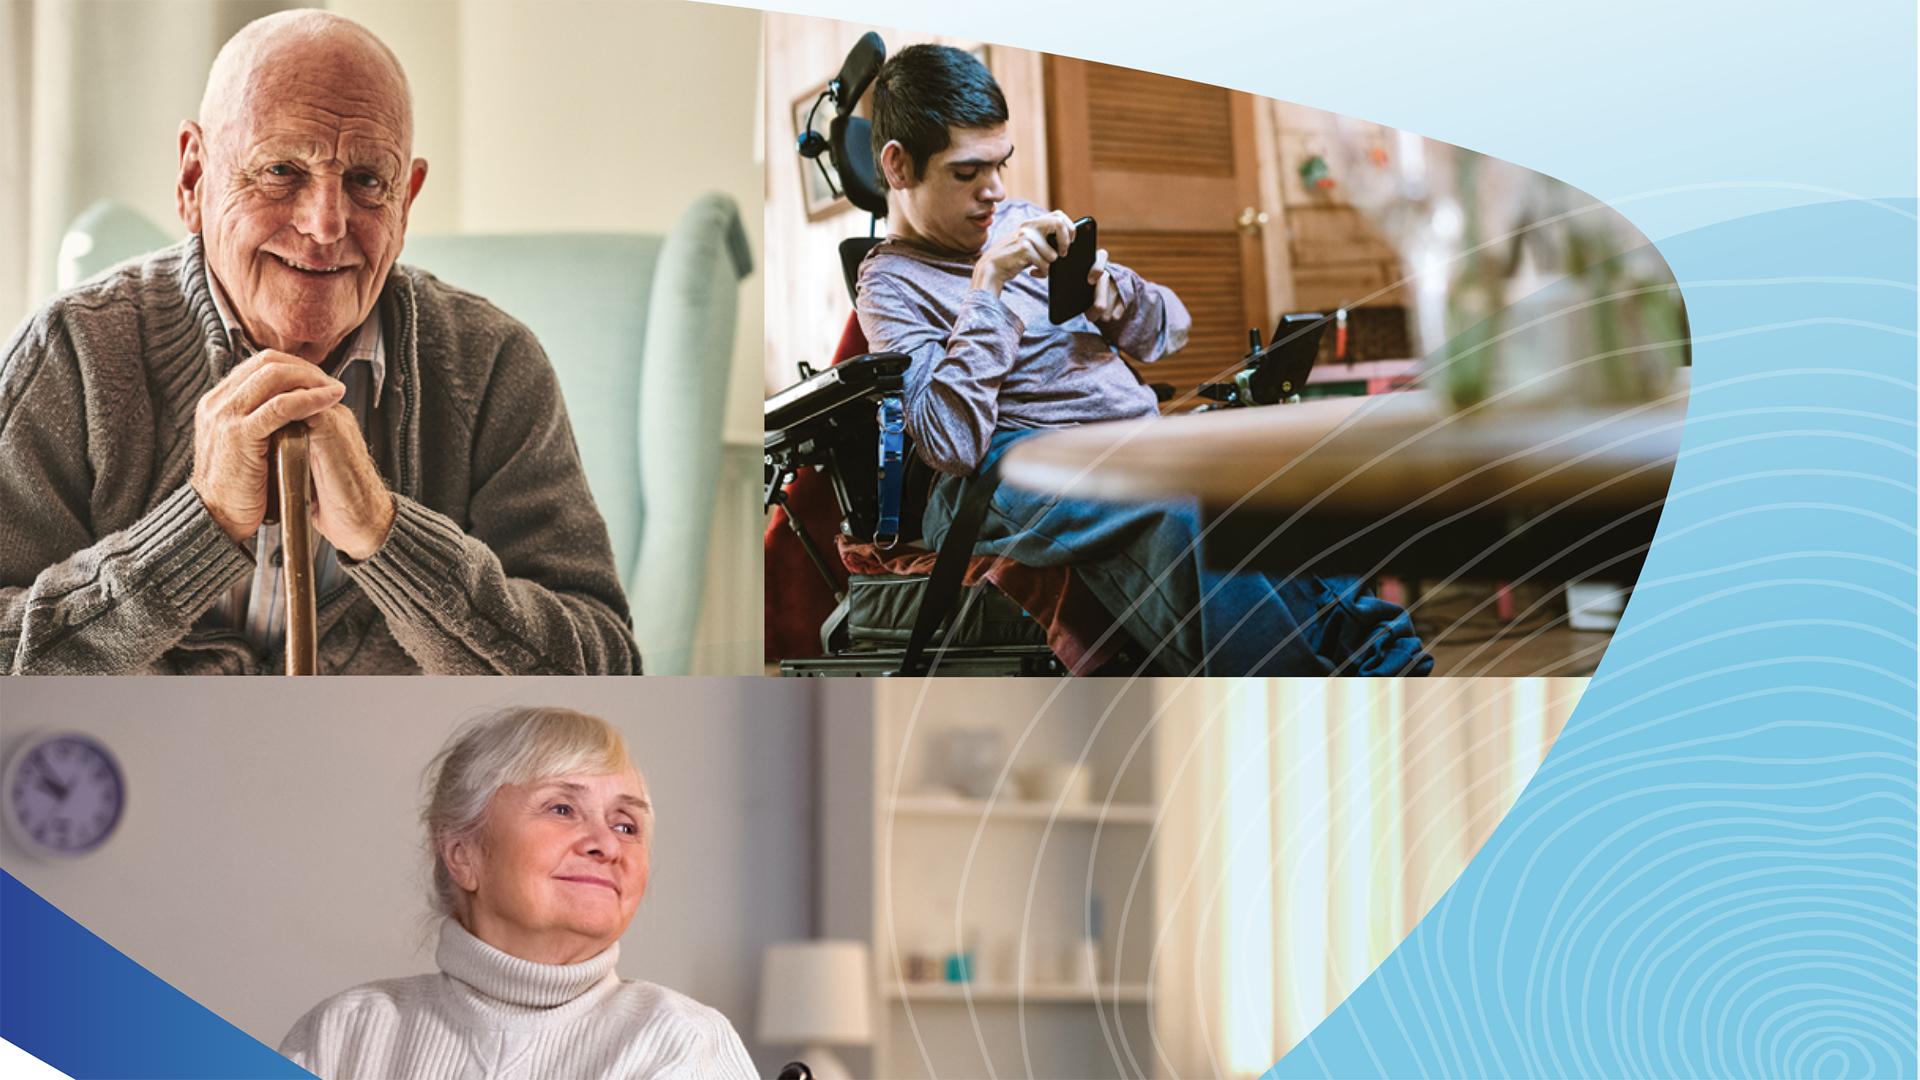 Maisons des aînés : Les comités des usagers et de résidents invités à poser des questions aux décideurs et gestionnaires